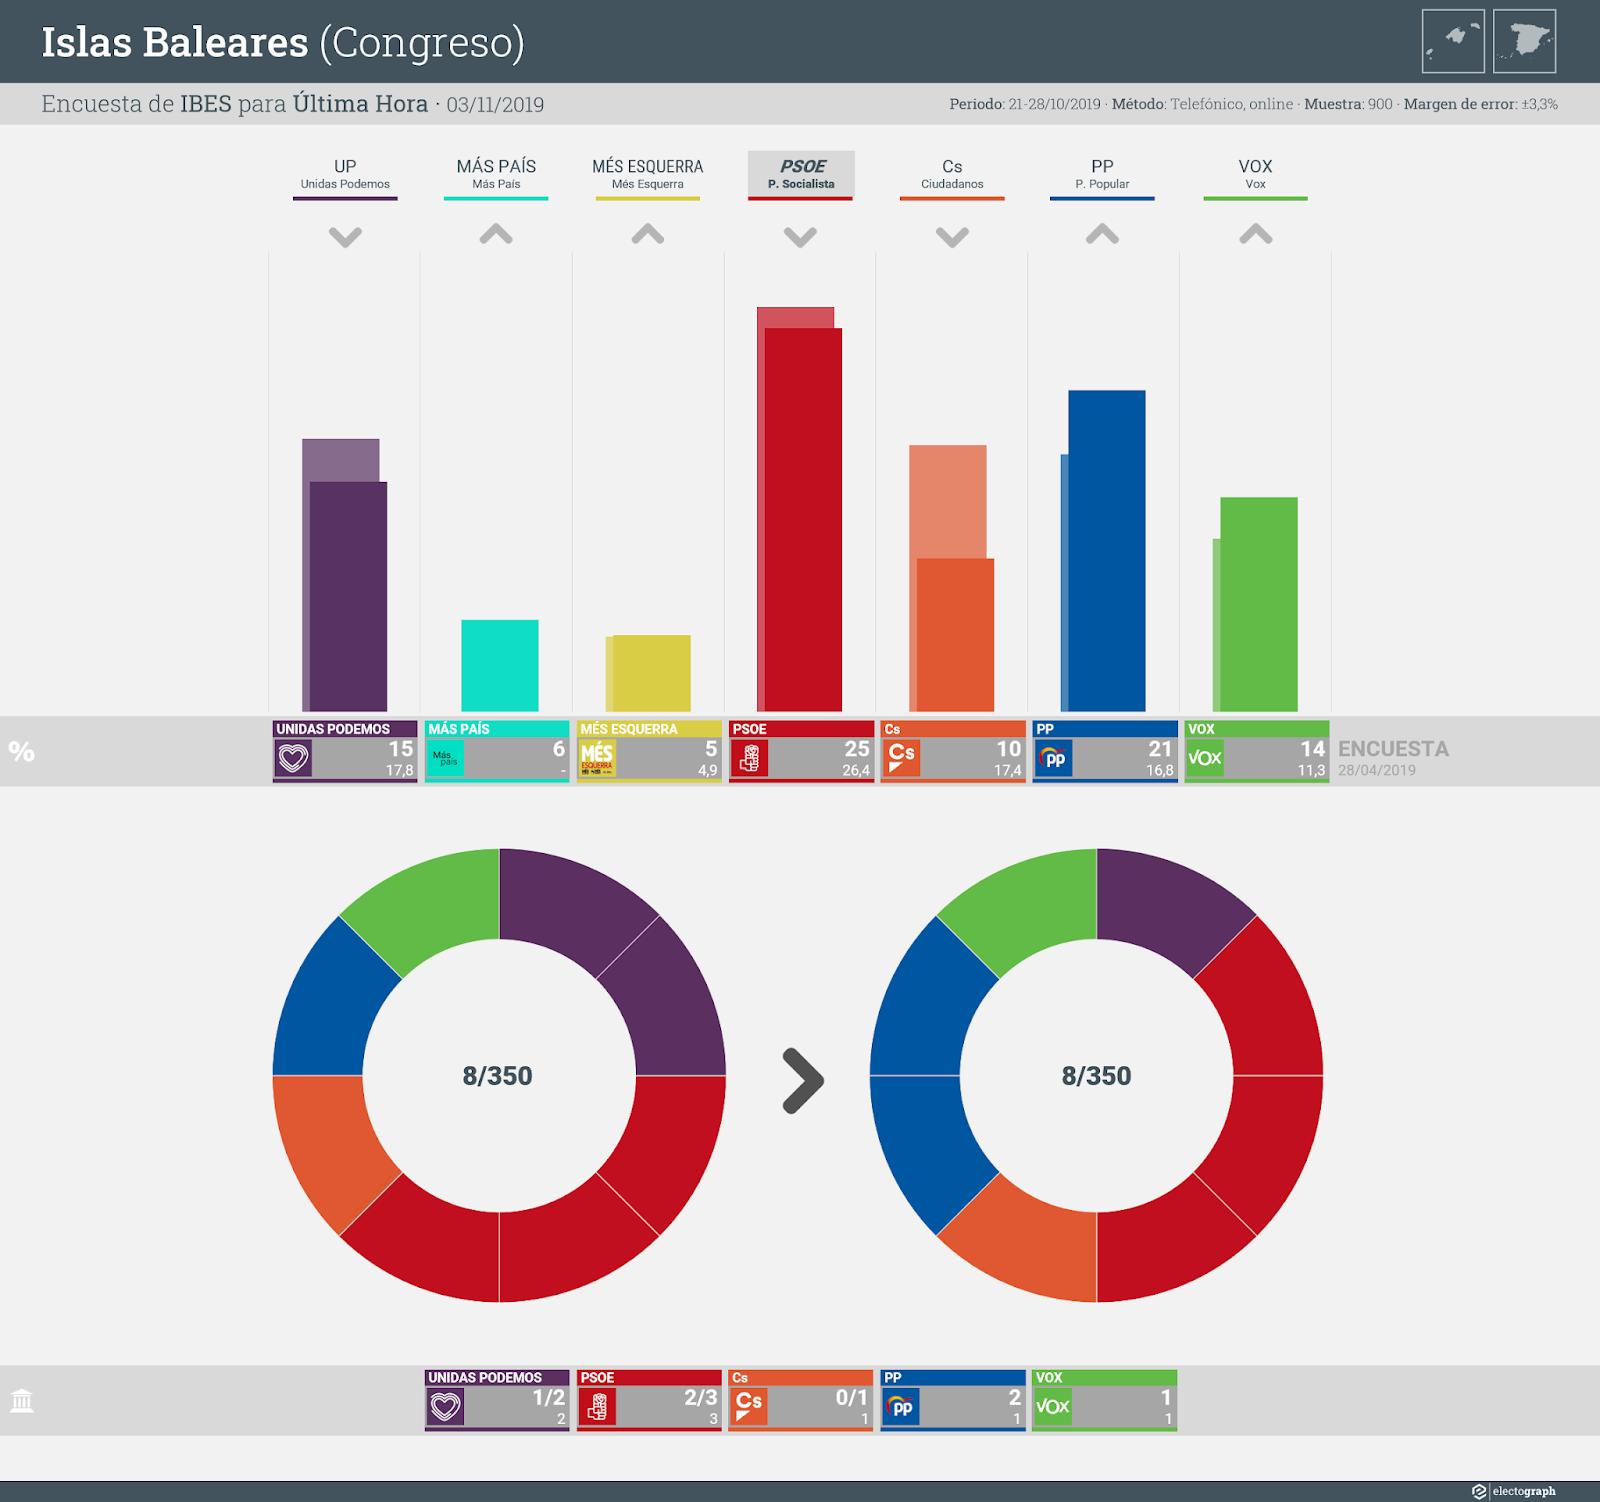 Gráfico de la encuesta para elecciones generales en Islas Baleares realizada por IBES para Última Hora, 3 de noviembre de 2019